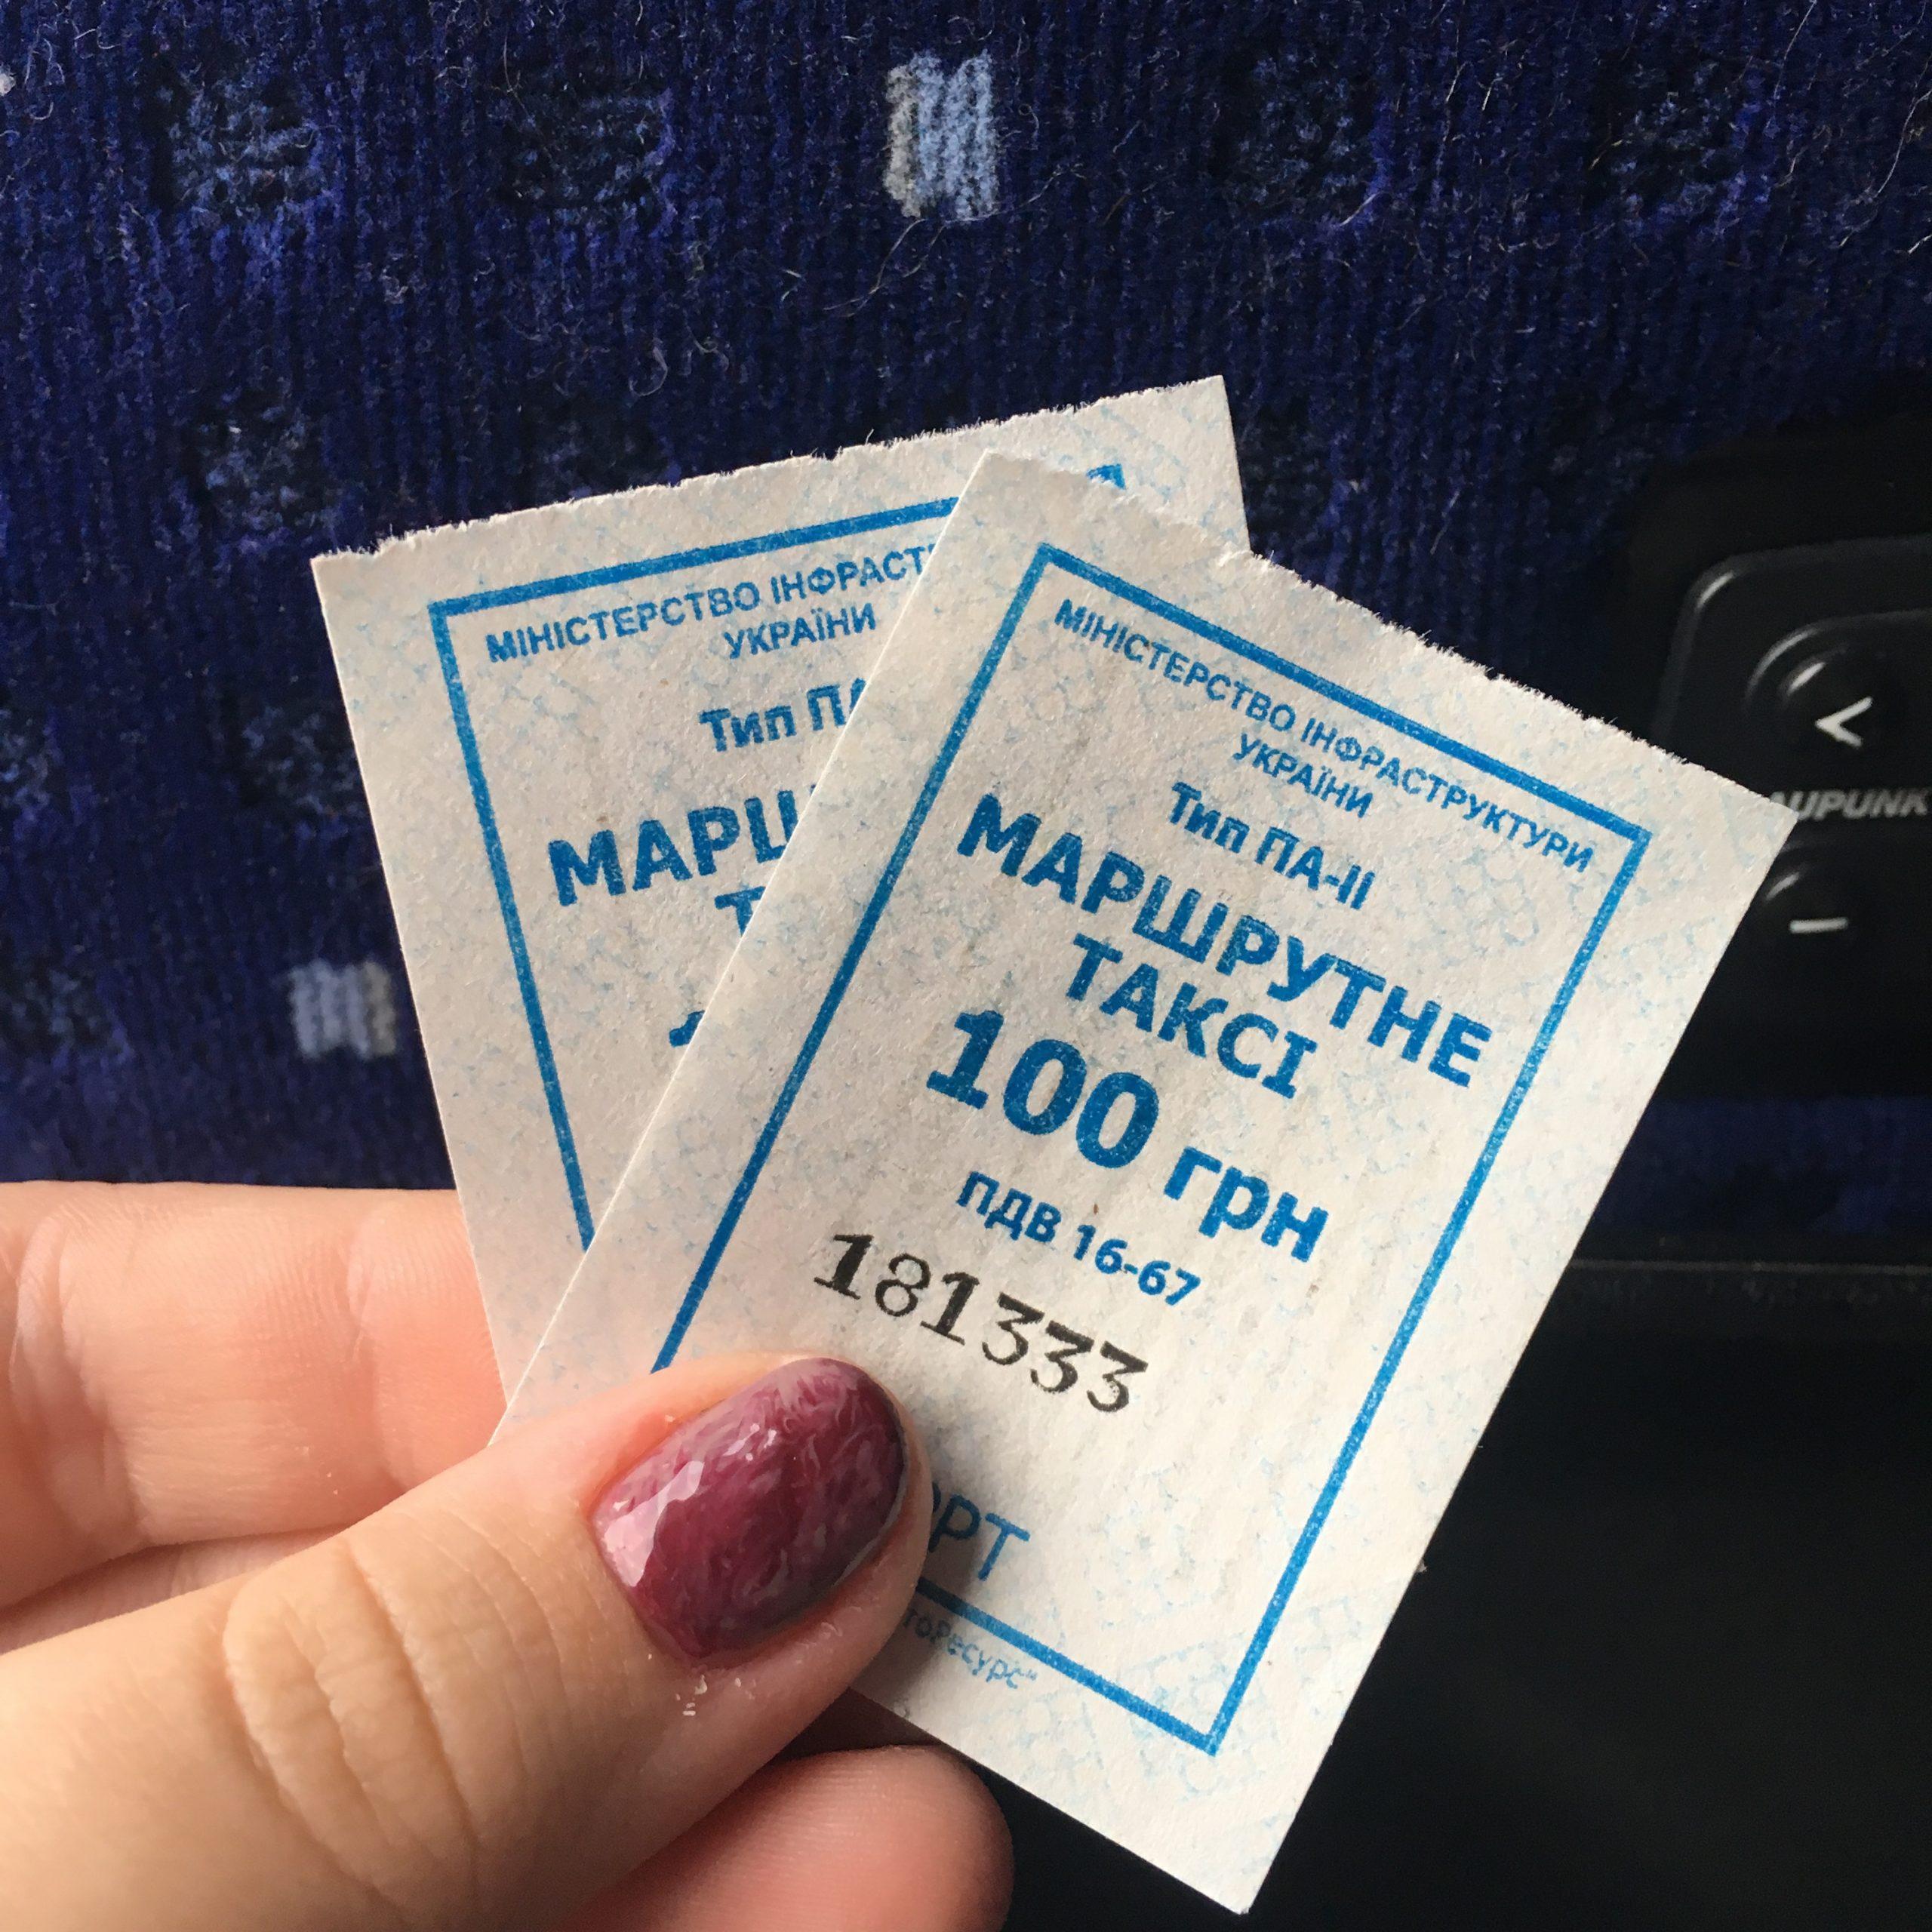 Skrydis į Kijevą (Ukrainą): Boryspil oro uostas ir kelionė nuo jo iki miesto.